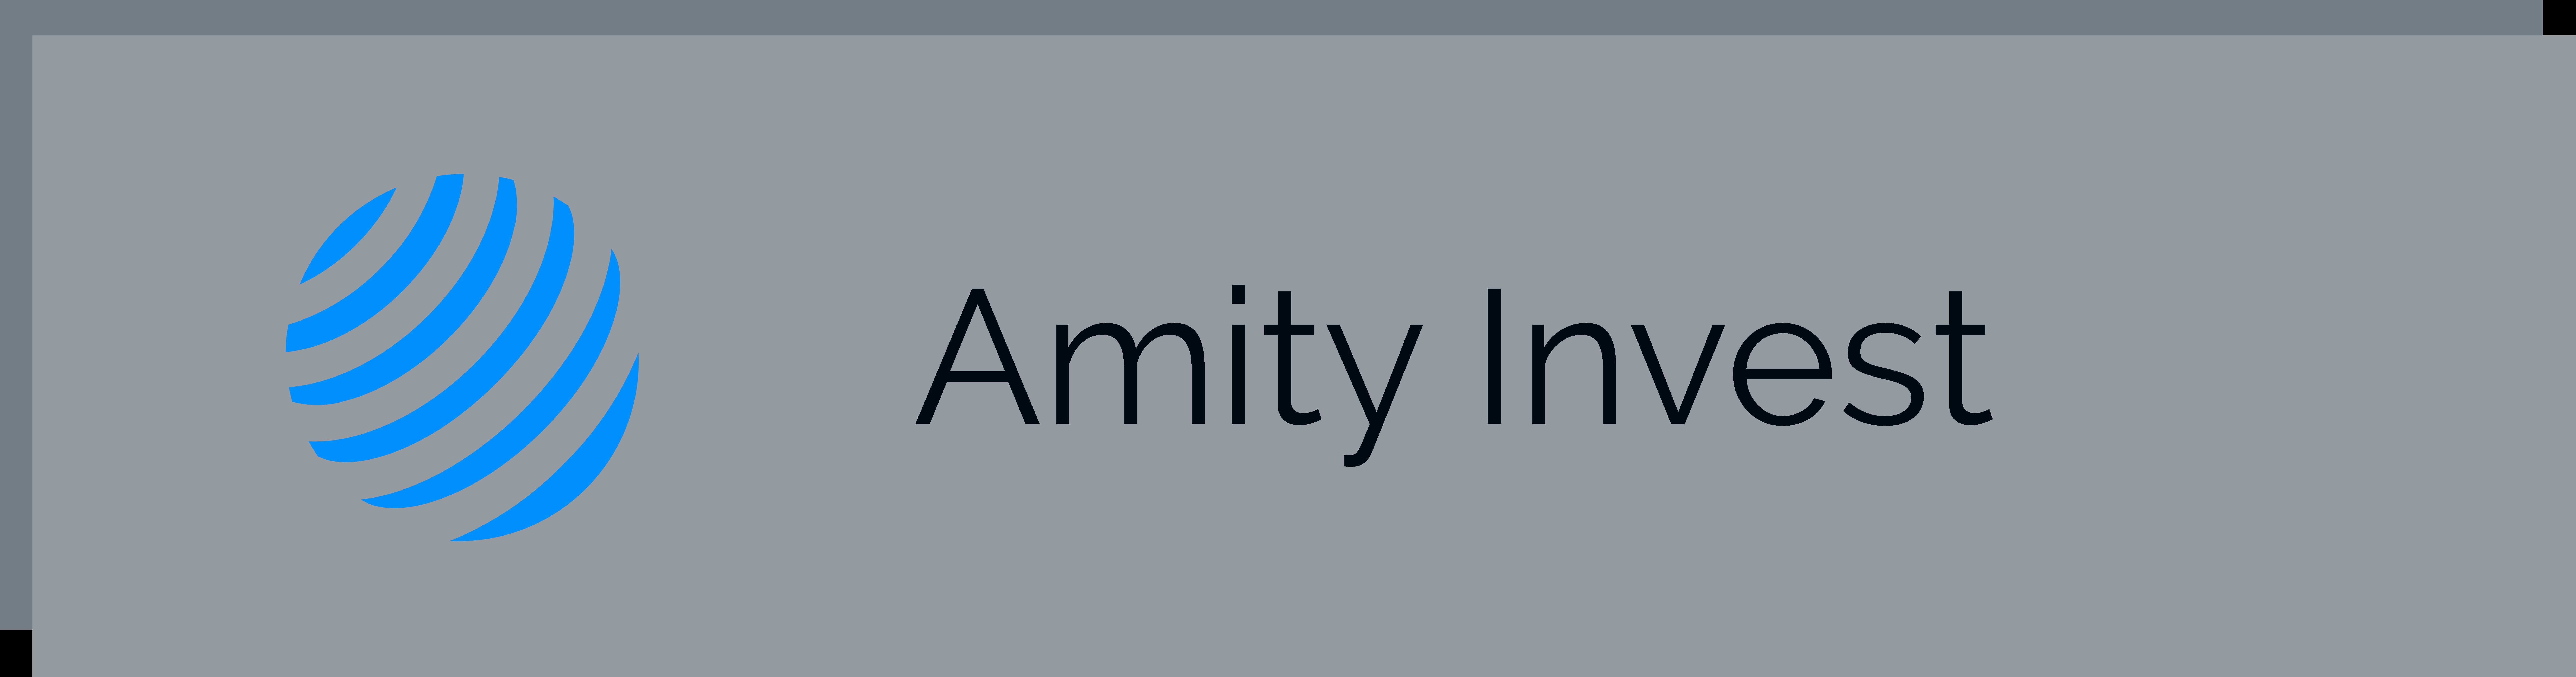 Amity Invest